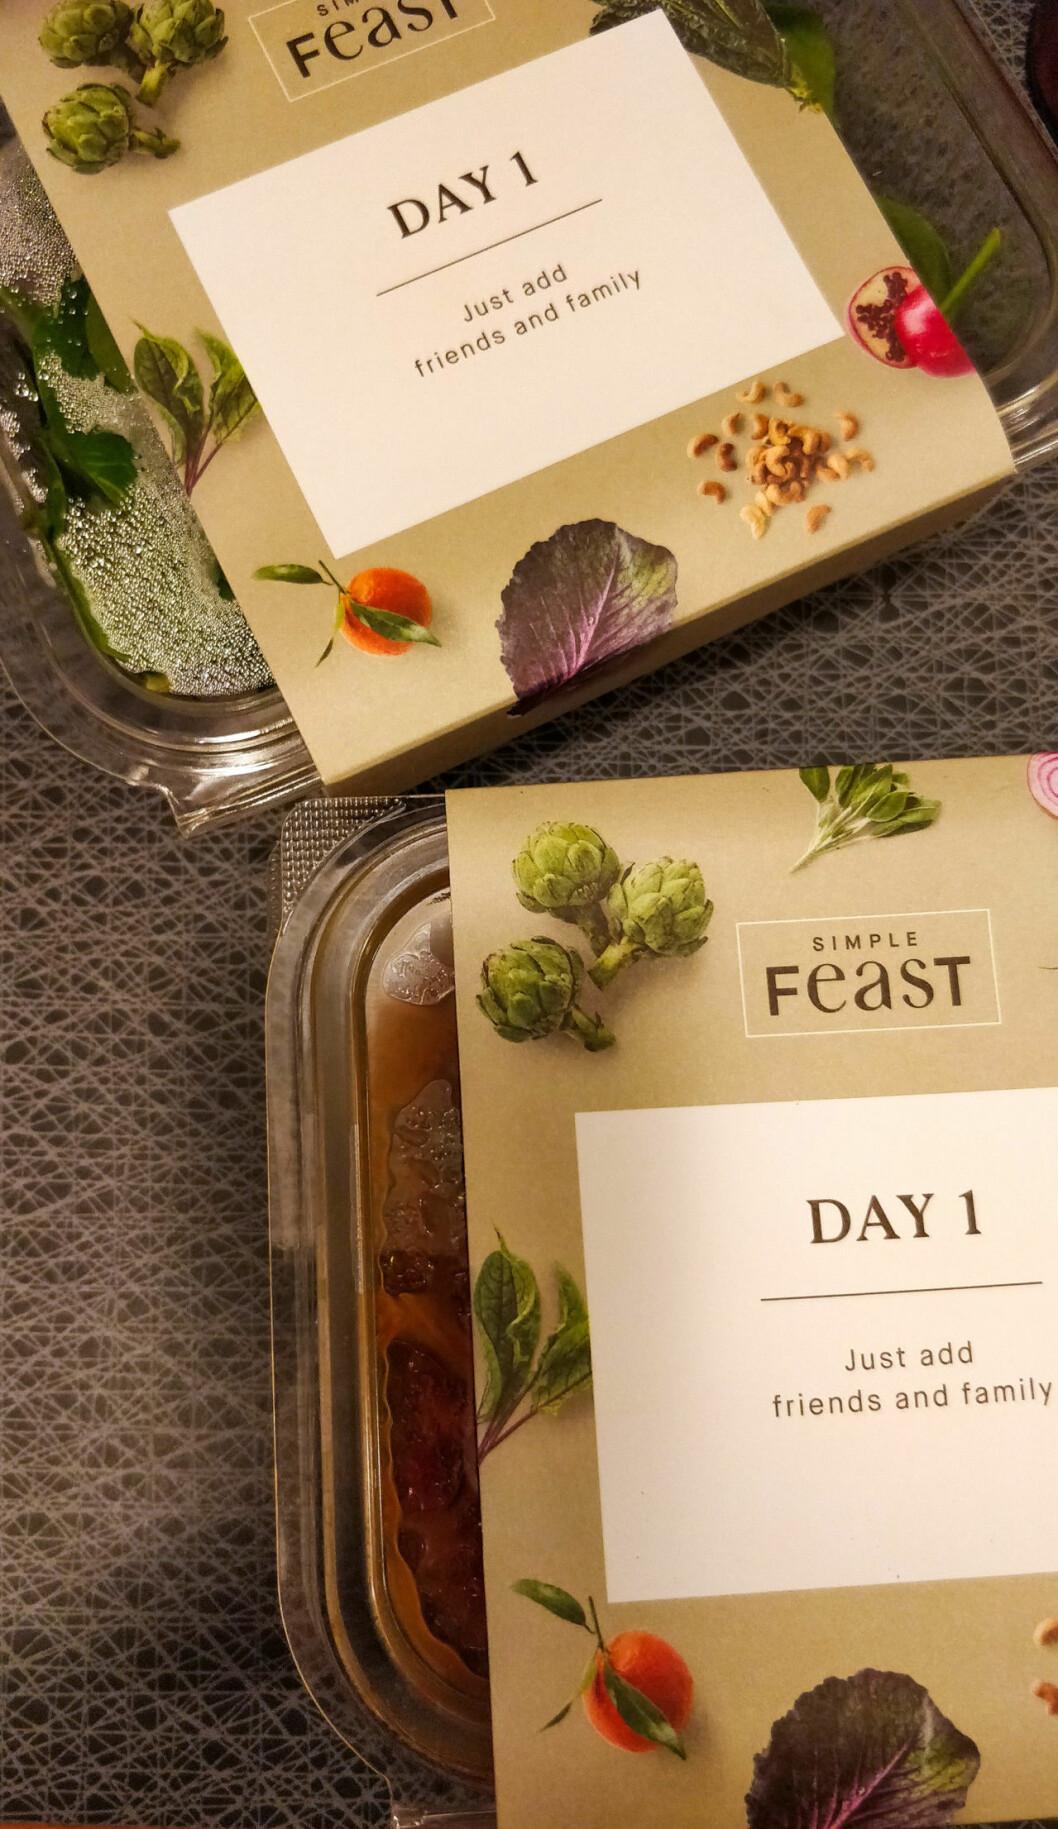 Simple Feast är en ny mattjänst som levererar vegansk och vegetarisk mat till din dörr.